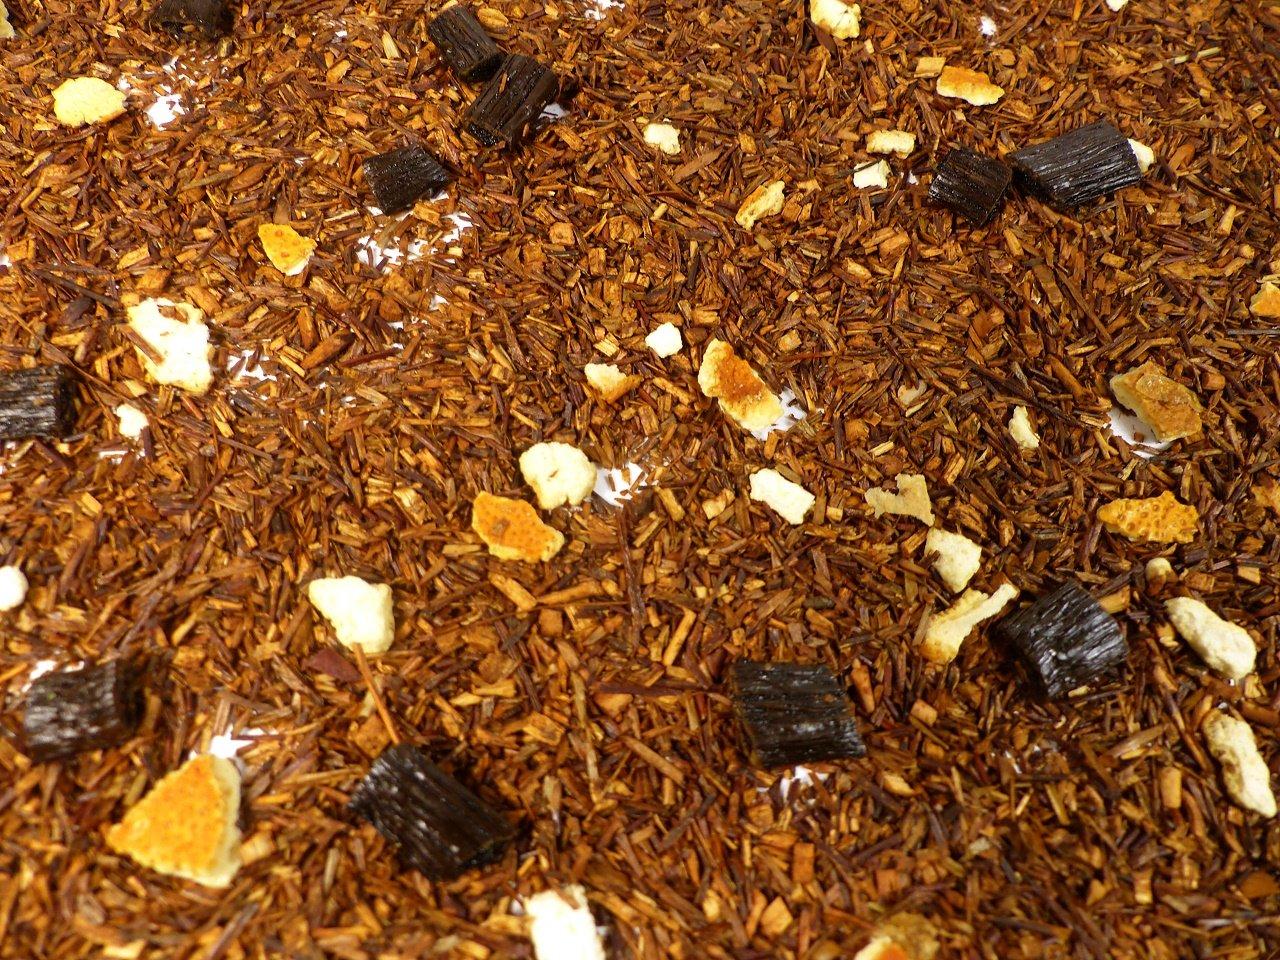 Orange-Vanille-Rooibos-Tee-Naturideen-100g